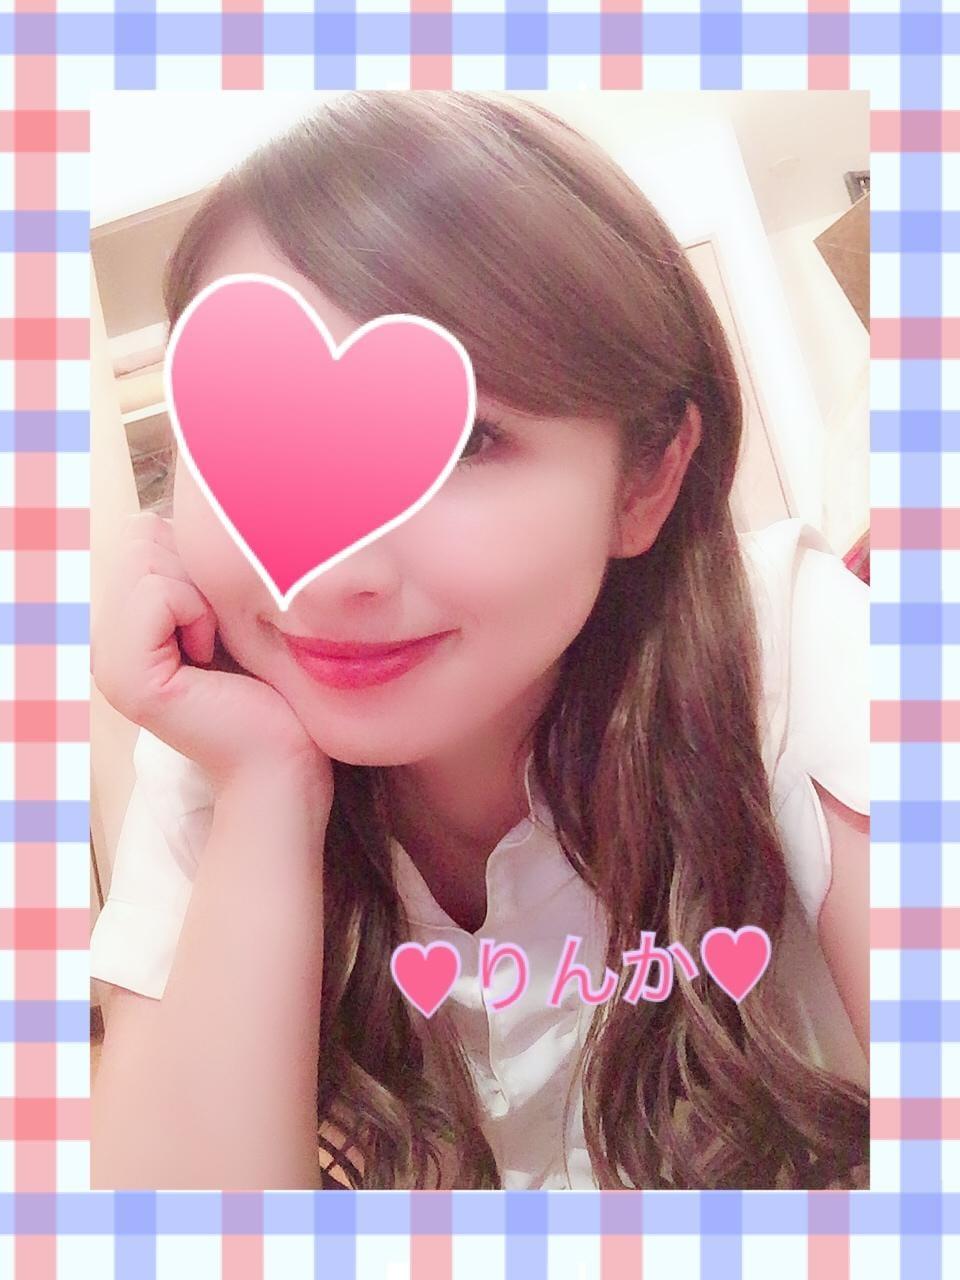 「こんにちわ」10/13(水) 10:01 | 梨花の写メ日記